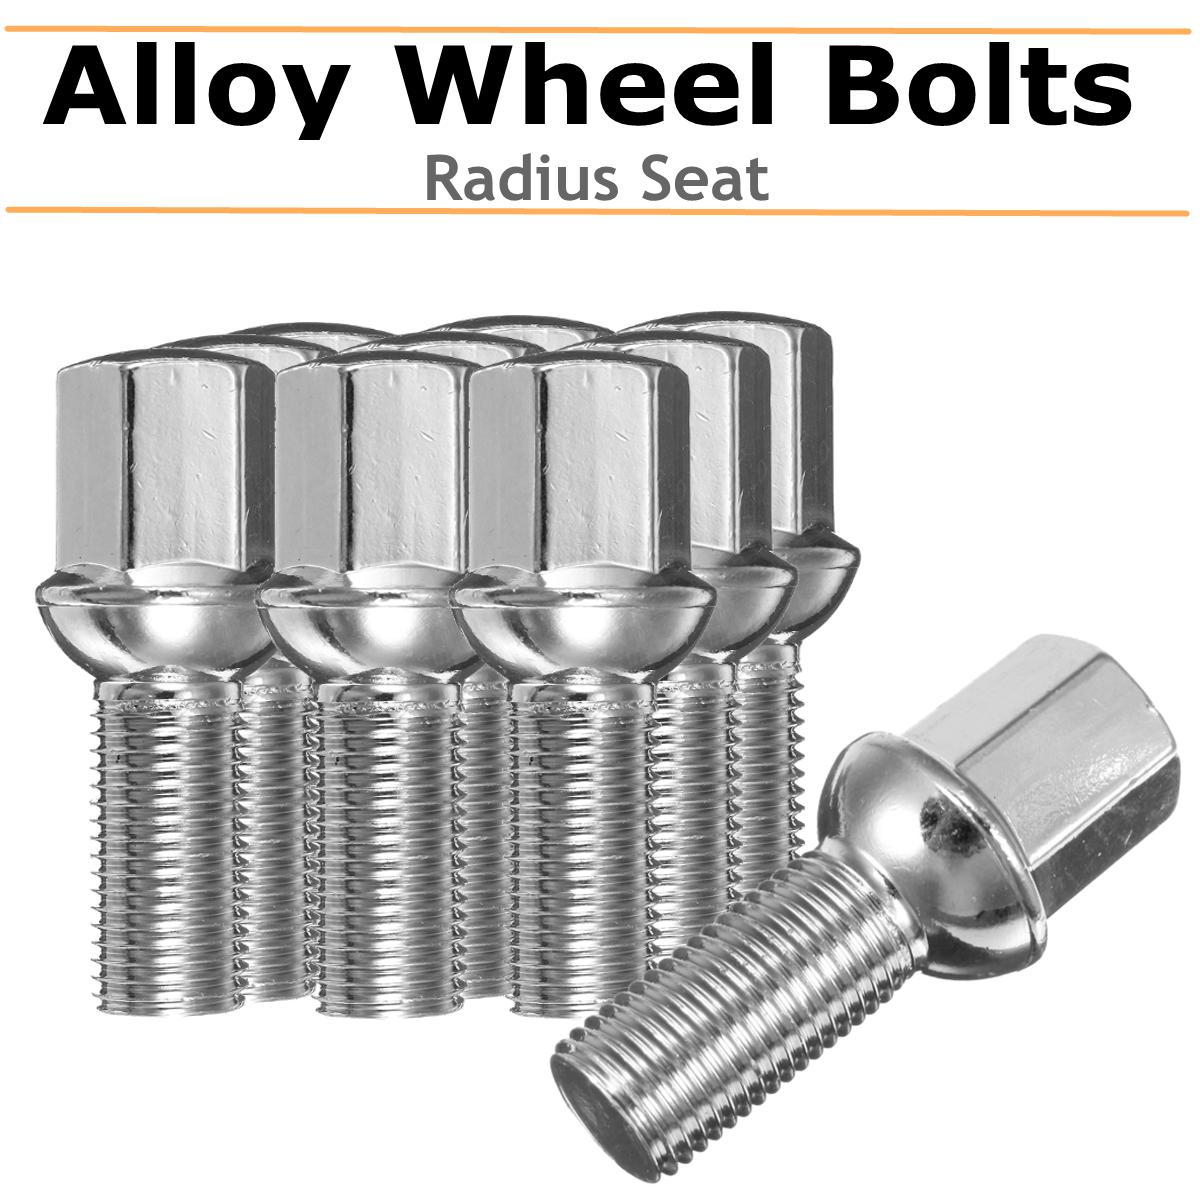 Tuerca de bloqueo de rueda 1 juego de cerradura con perno de llave 4 pernos de rueda